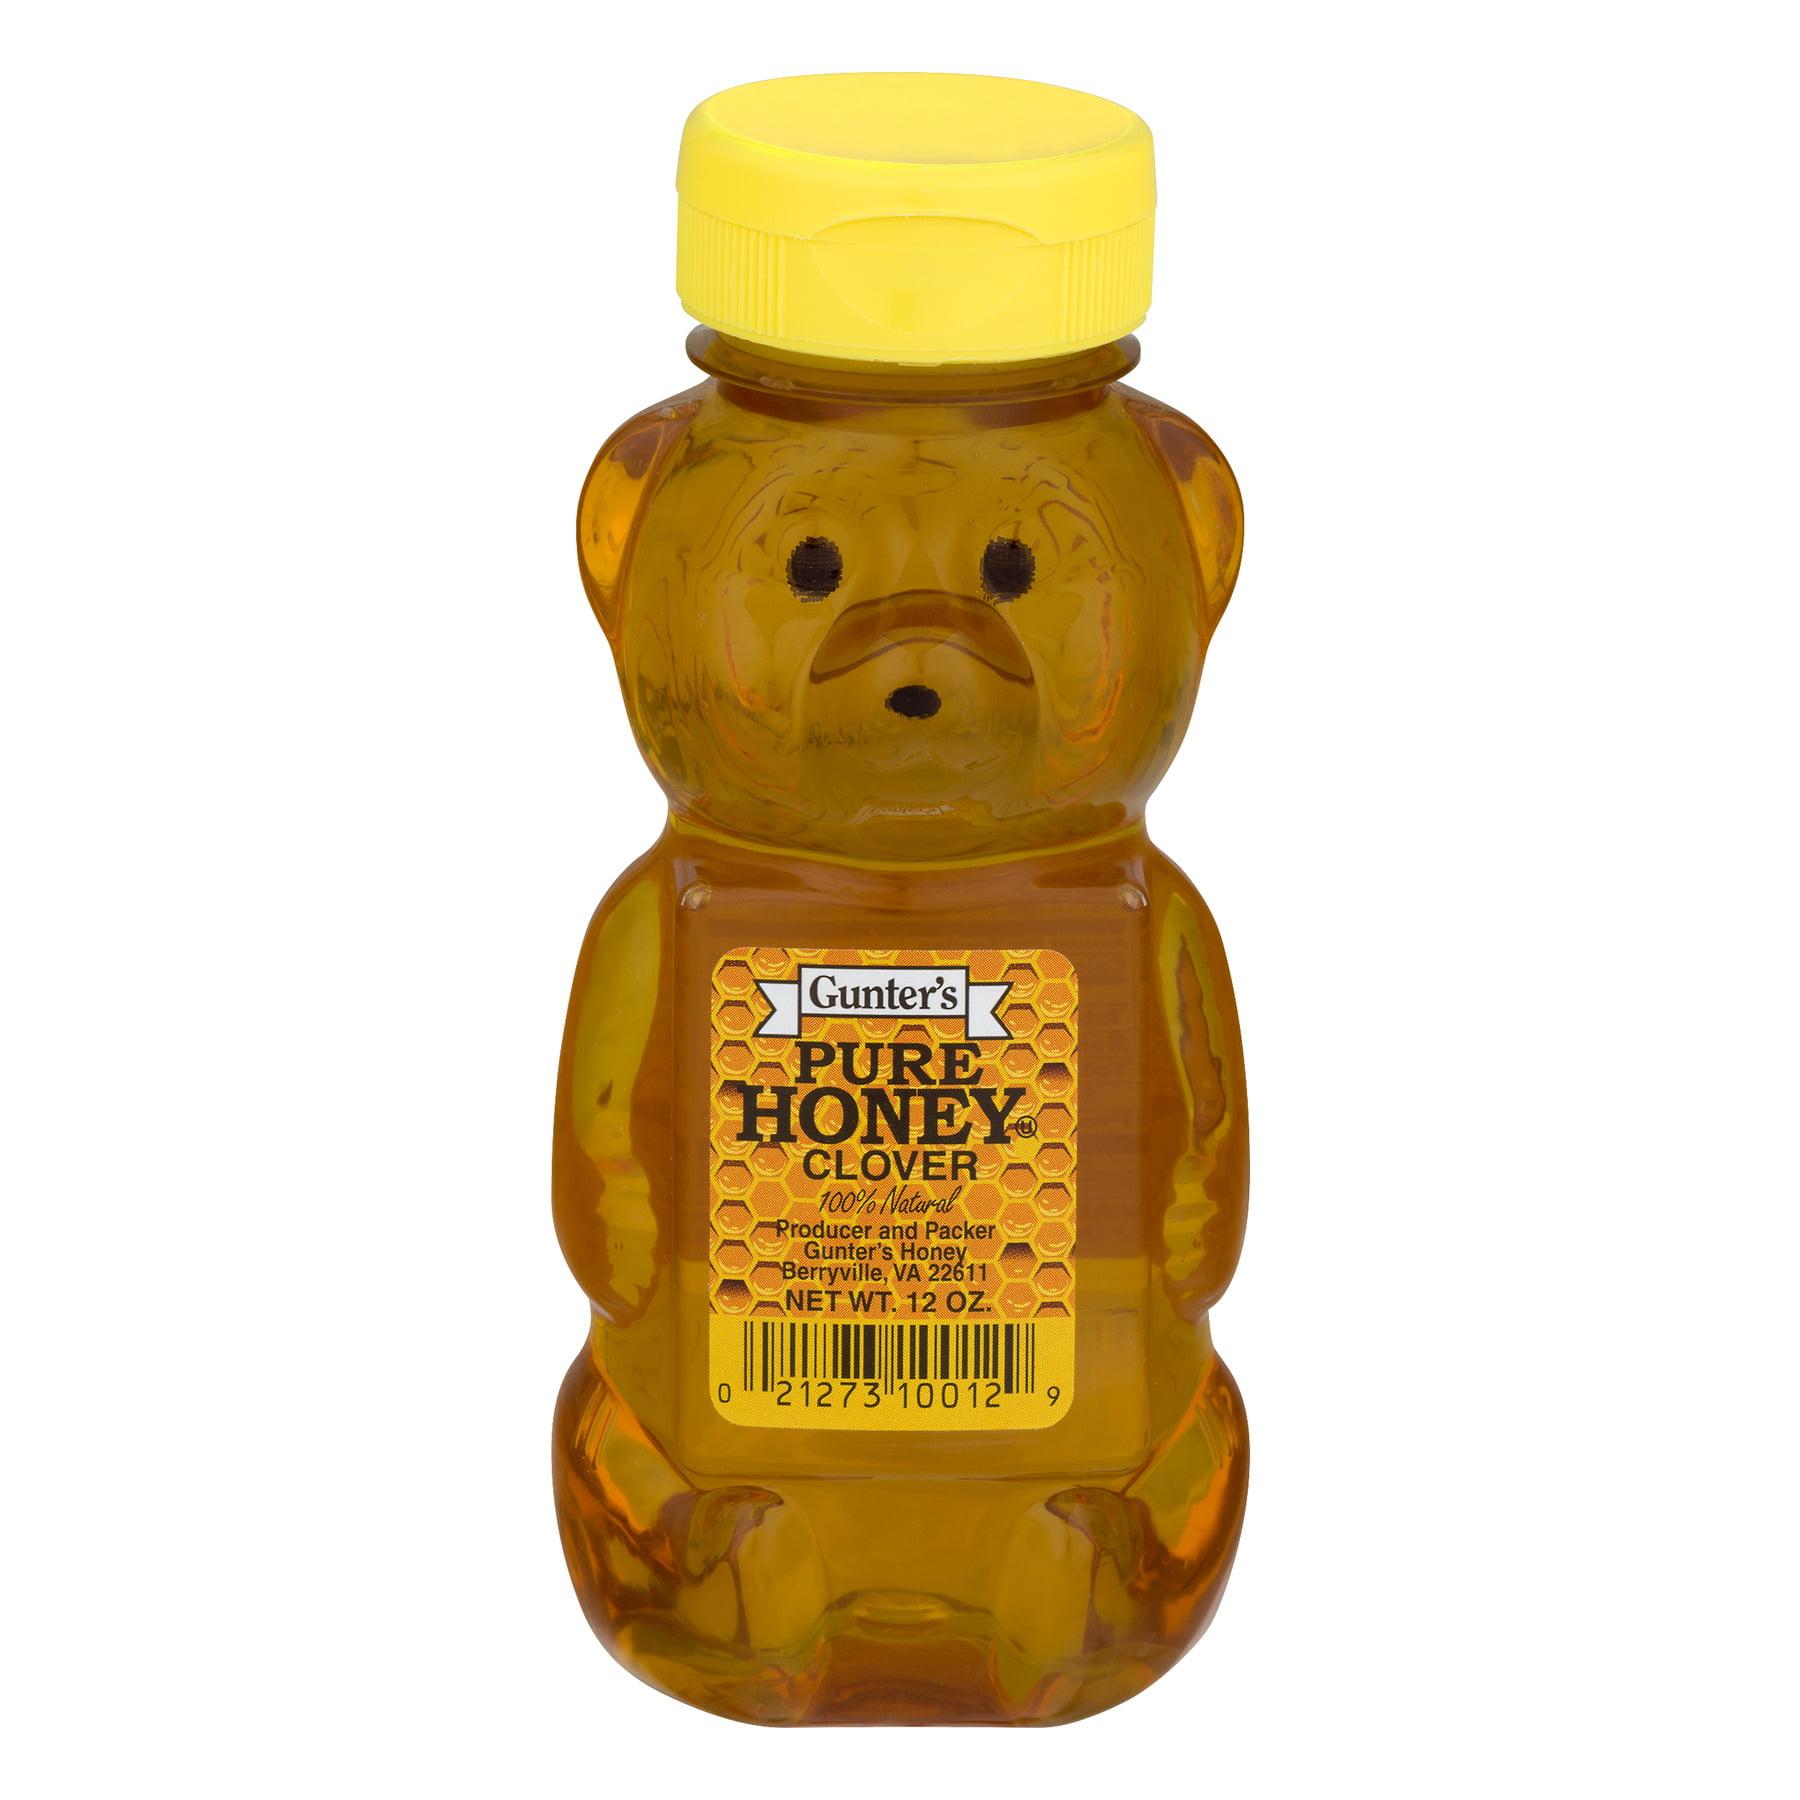 (3 Pack) Gunter's Pure Honey Clover, 12.0 OZ